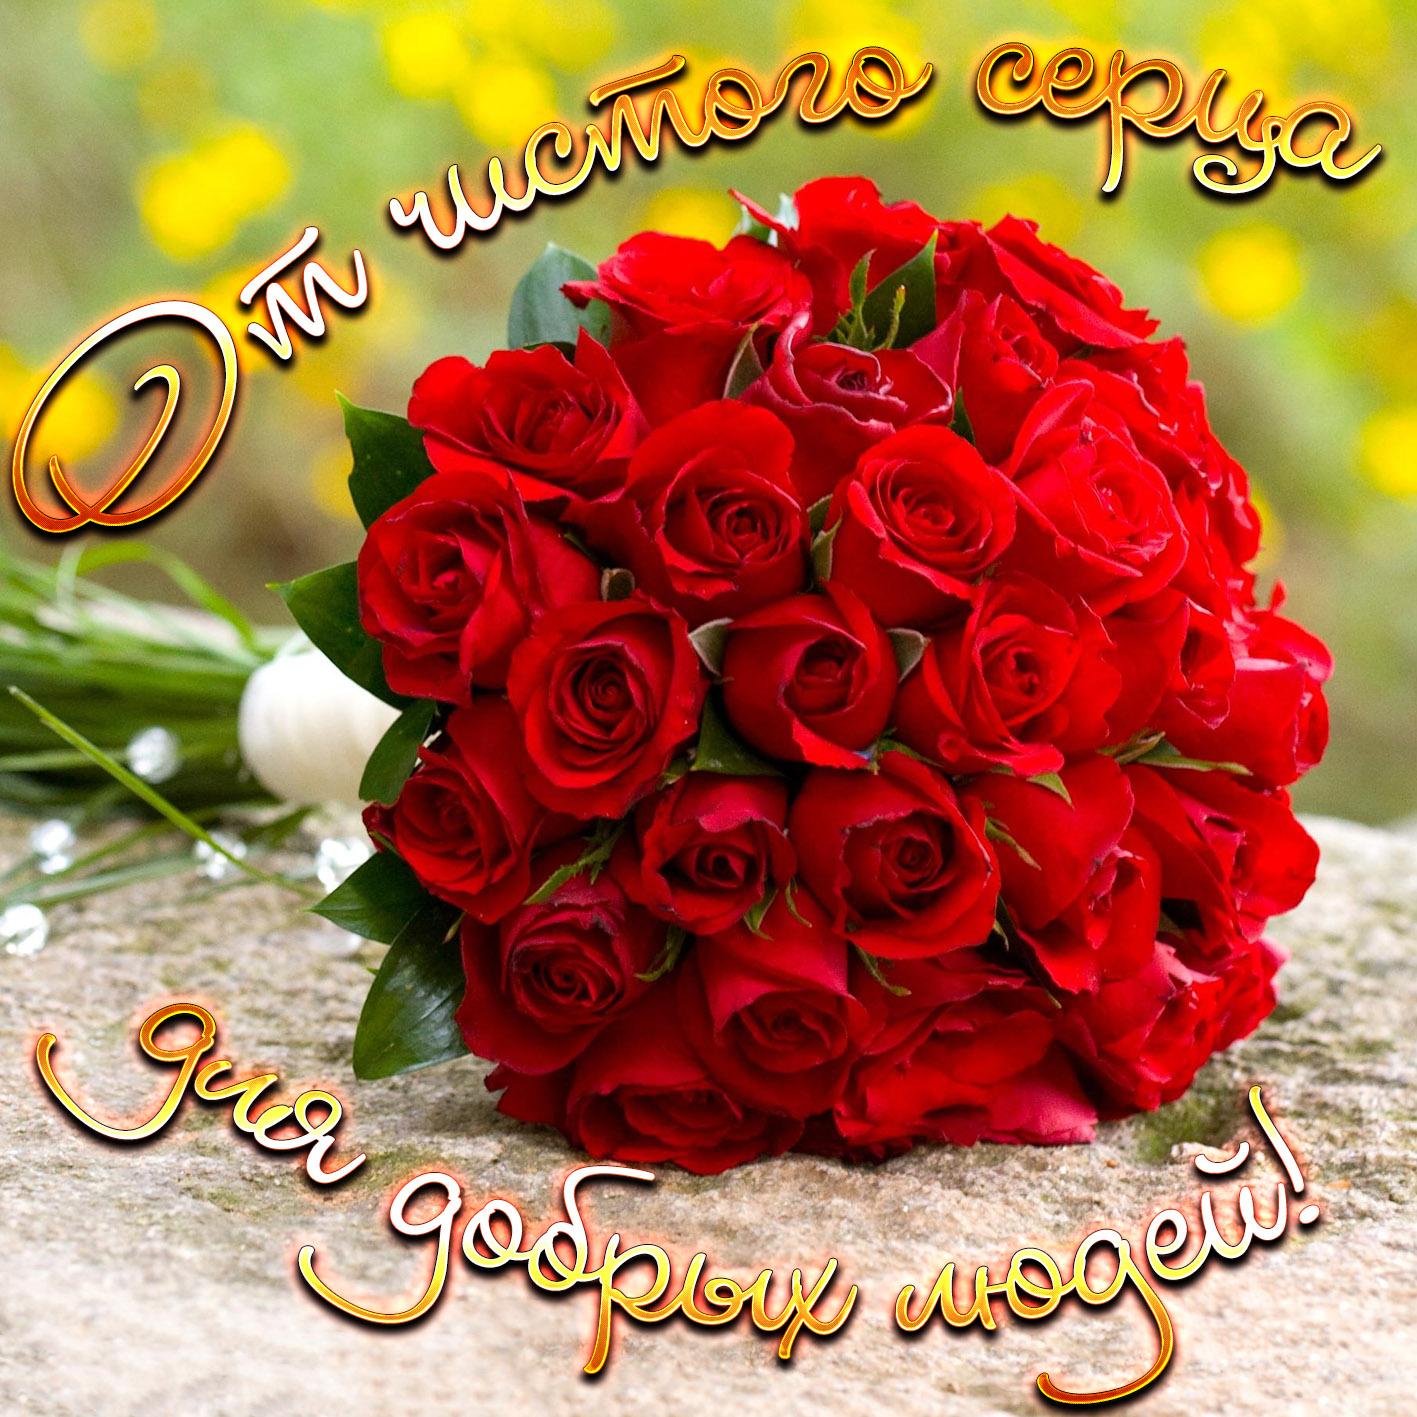 Яркая картинка с огромным букетом роз